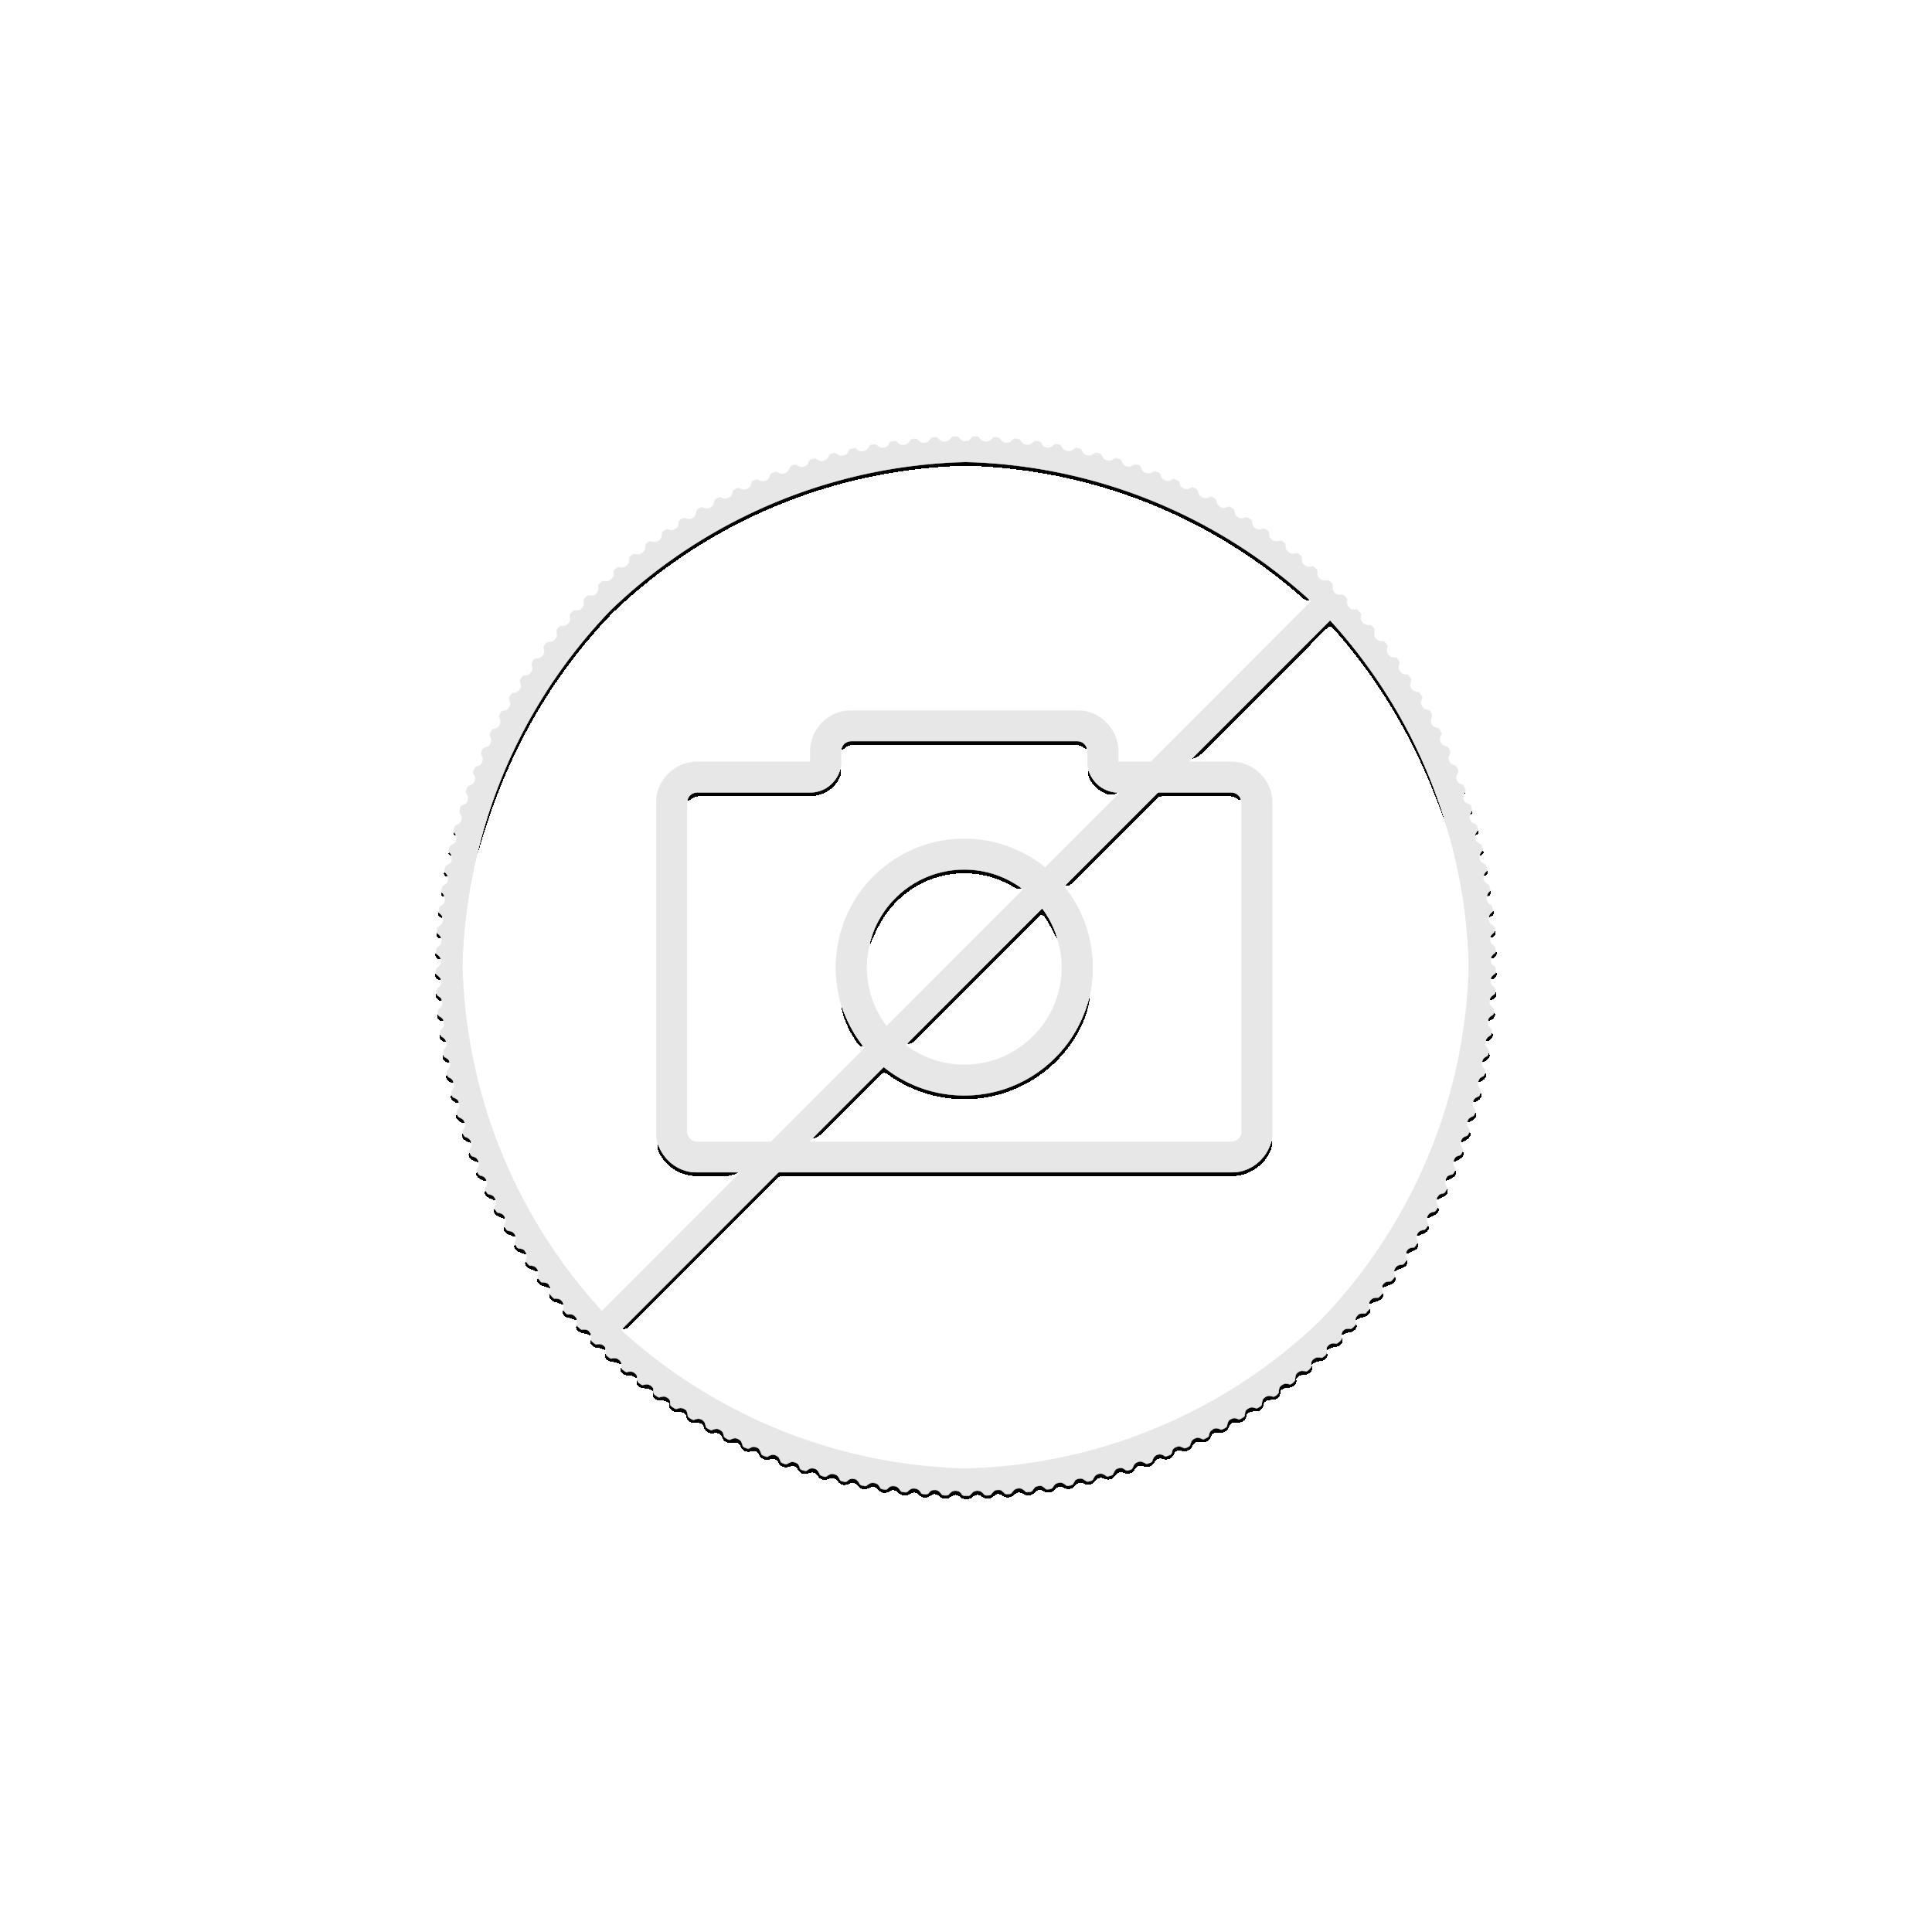 1 Troy ounce zilveren Kookaburra munt 2017